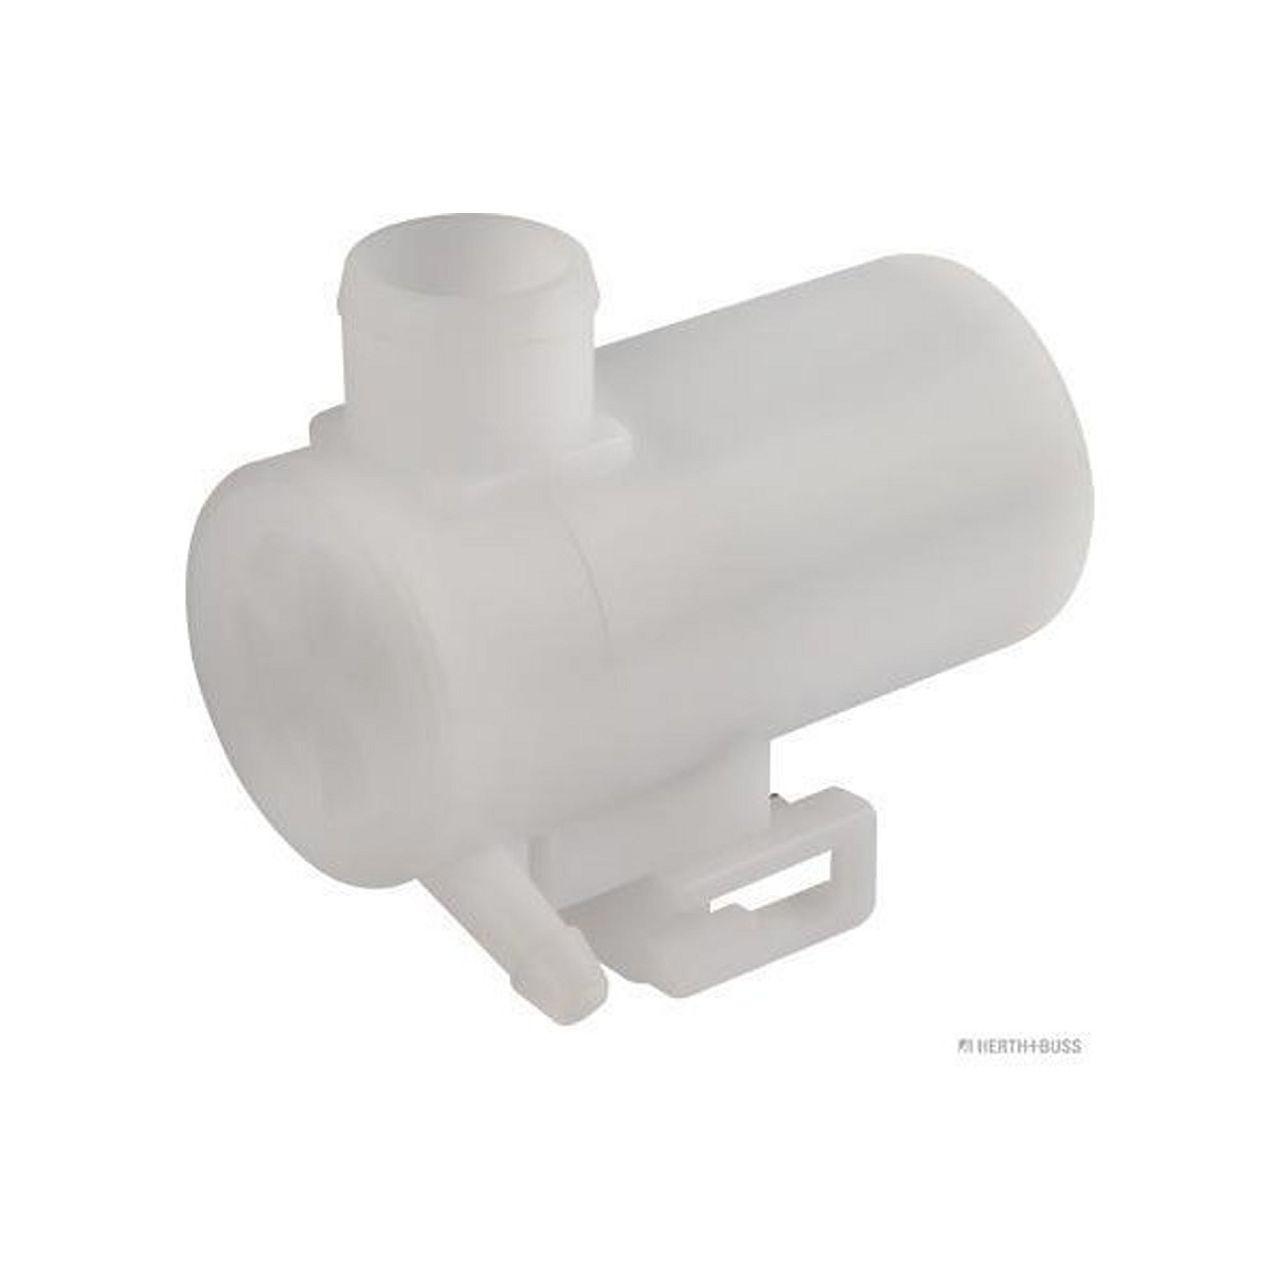 HERTH+BUSS JAKOPARTS Waschwasserpumpe für HONDA JAZZ II GD GE3 GE2 1.2 1.3 78/8